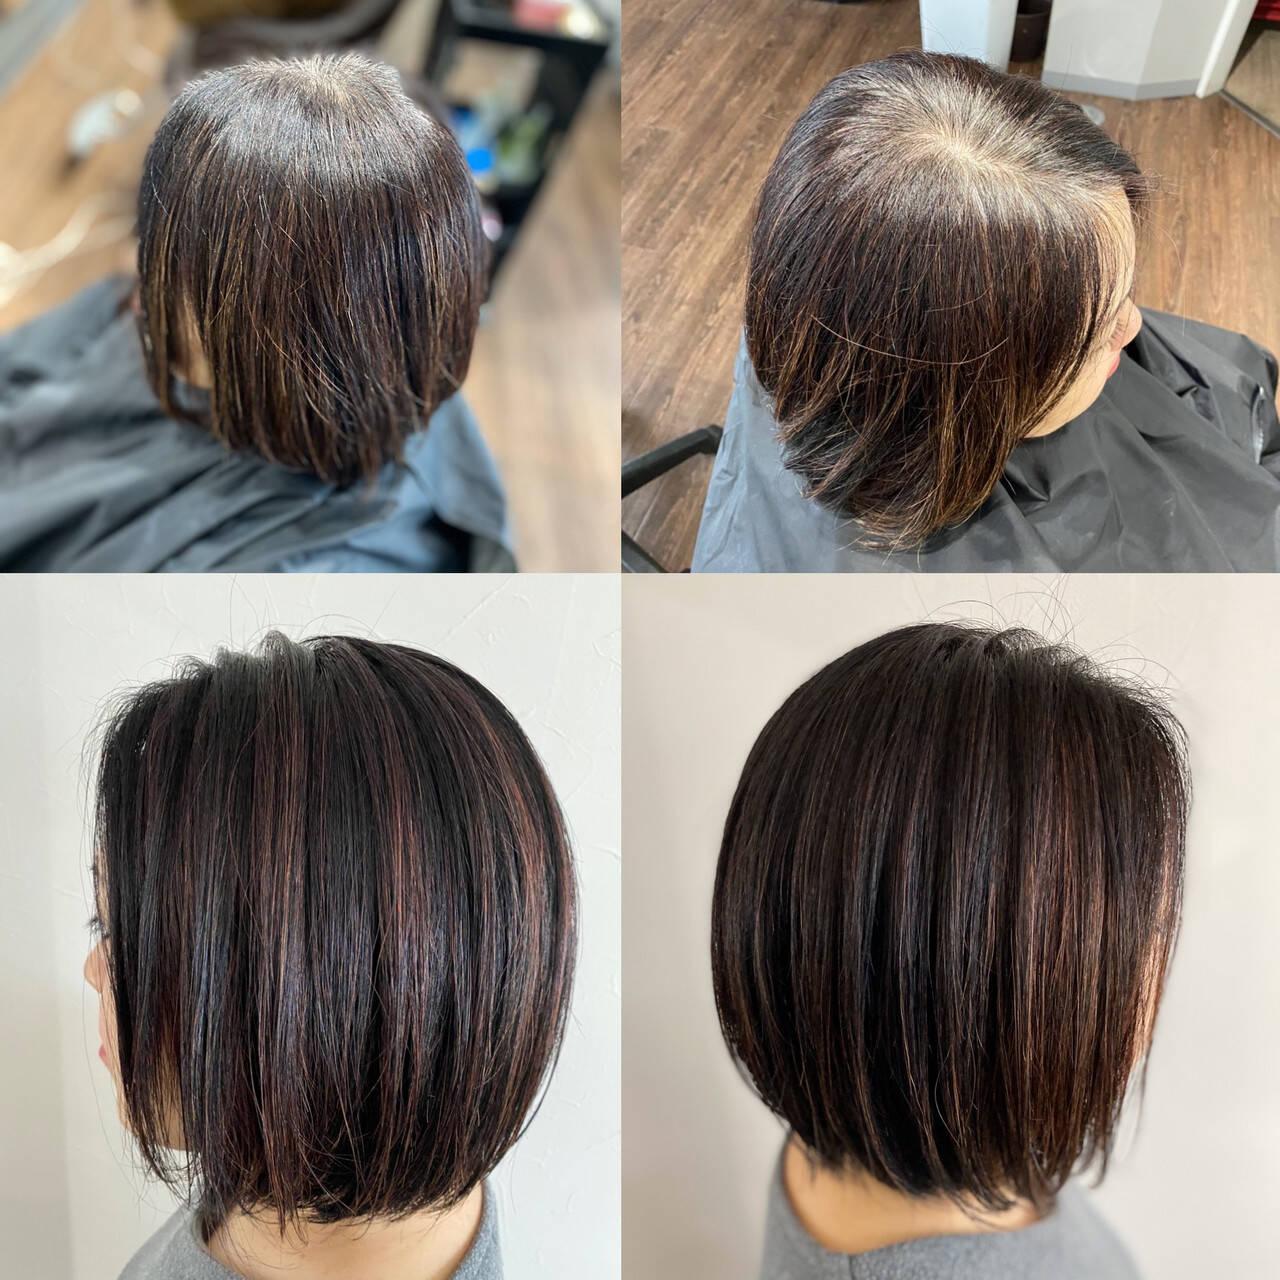 ボブ ミニボブ モード 前下がりボブヘアスタイルや髪型の写真・画像